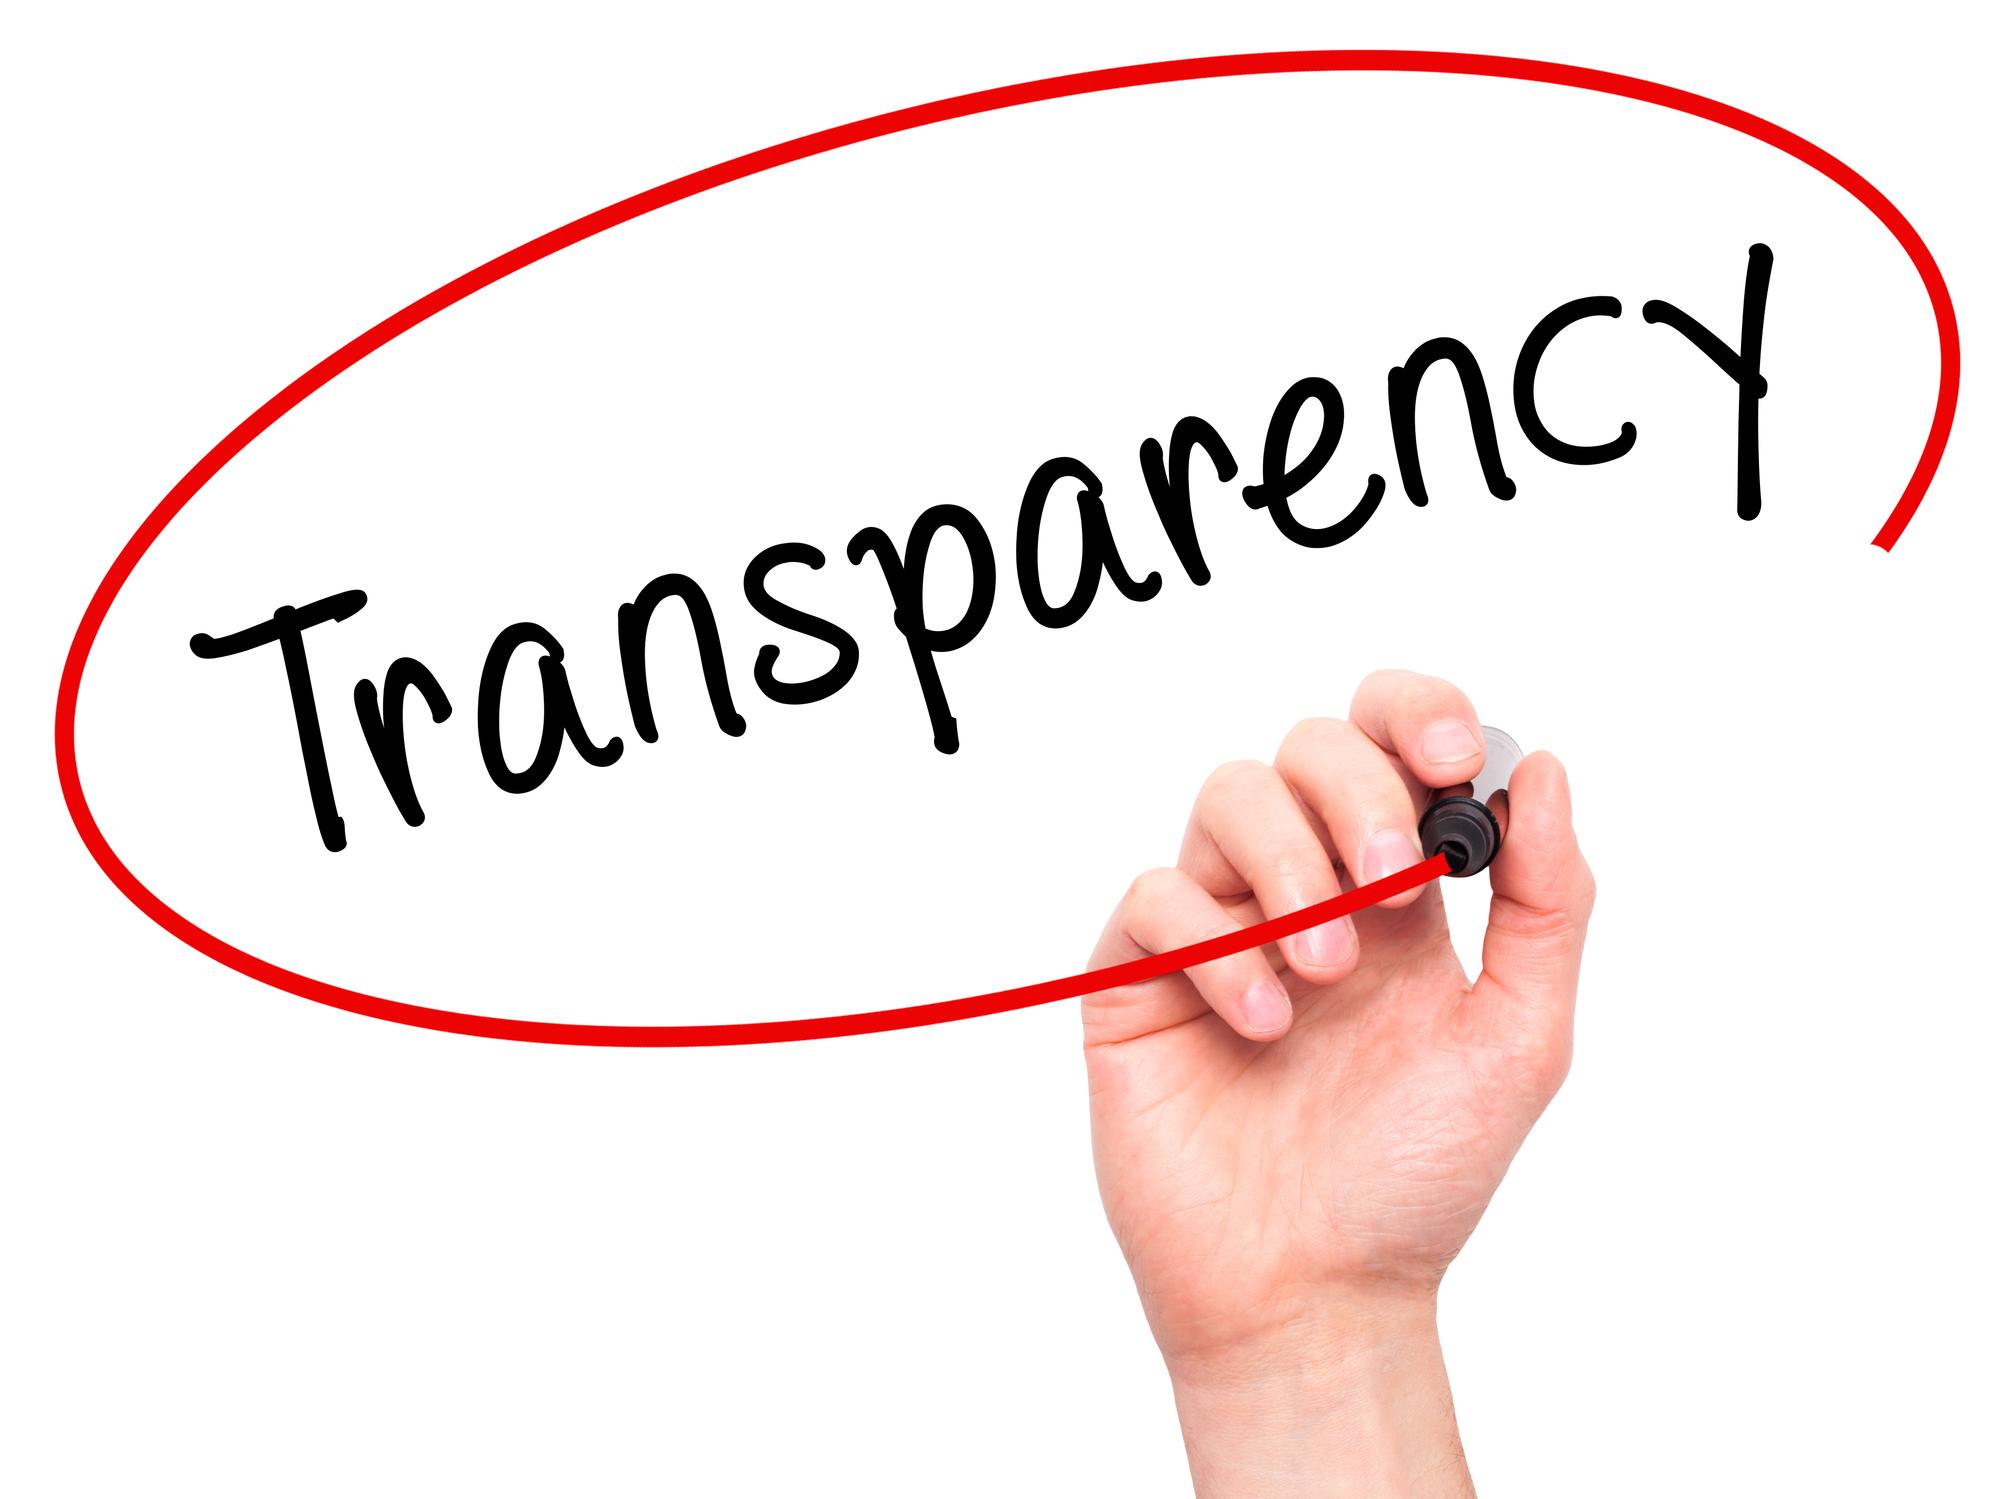 Les intermédiaires de voyage ont besoin de transparence pour restaurer la confiance des consommateurs